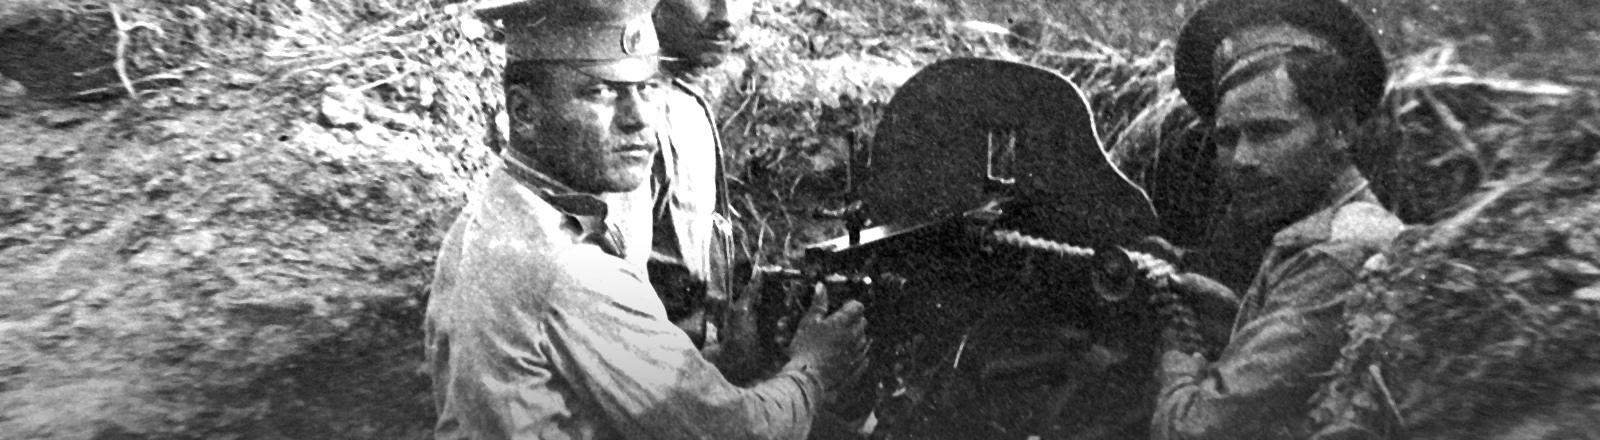 Drei Soldaten an einem Maschinengewehr im ersten Weltkrieg.